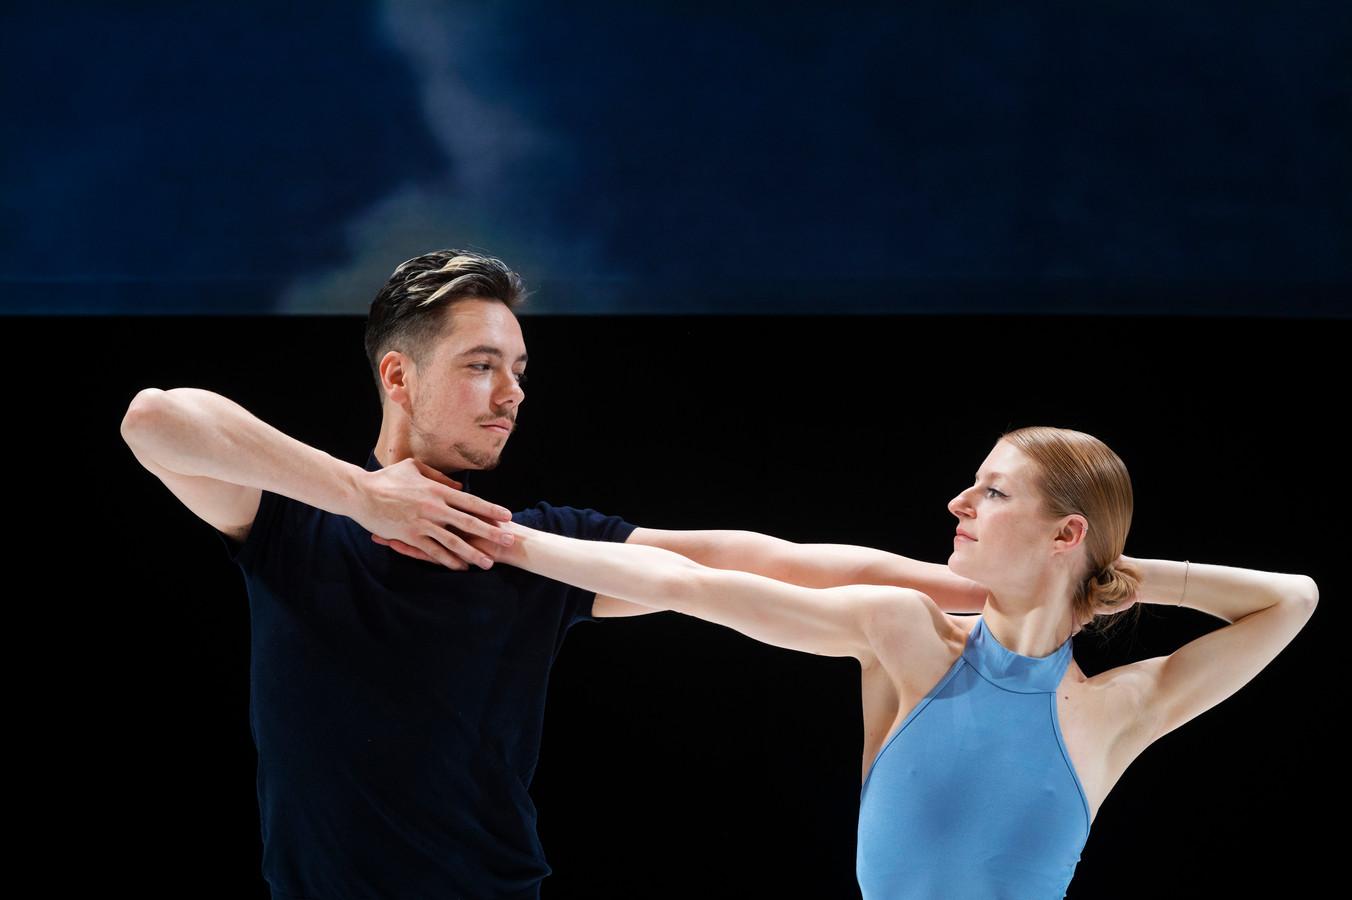 Dansers Nienke Wind en Jurriën Schobben tijdens een repetitie in Stadstheater. Arnhem.